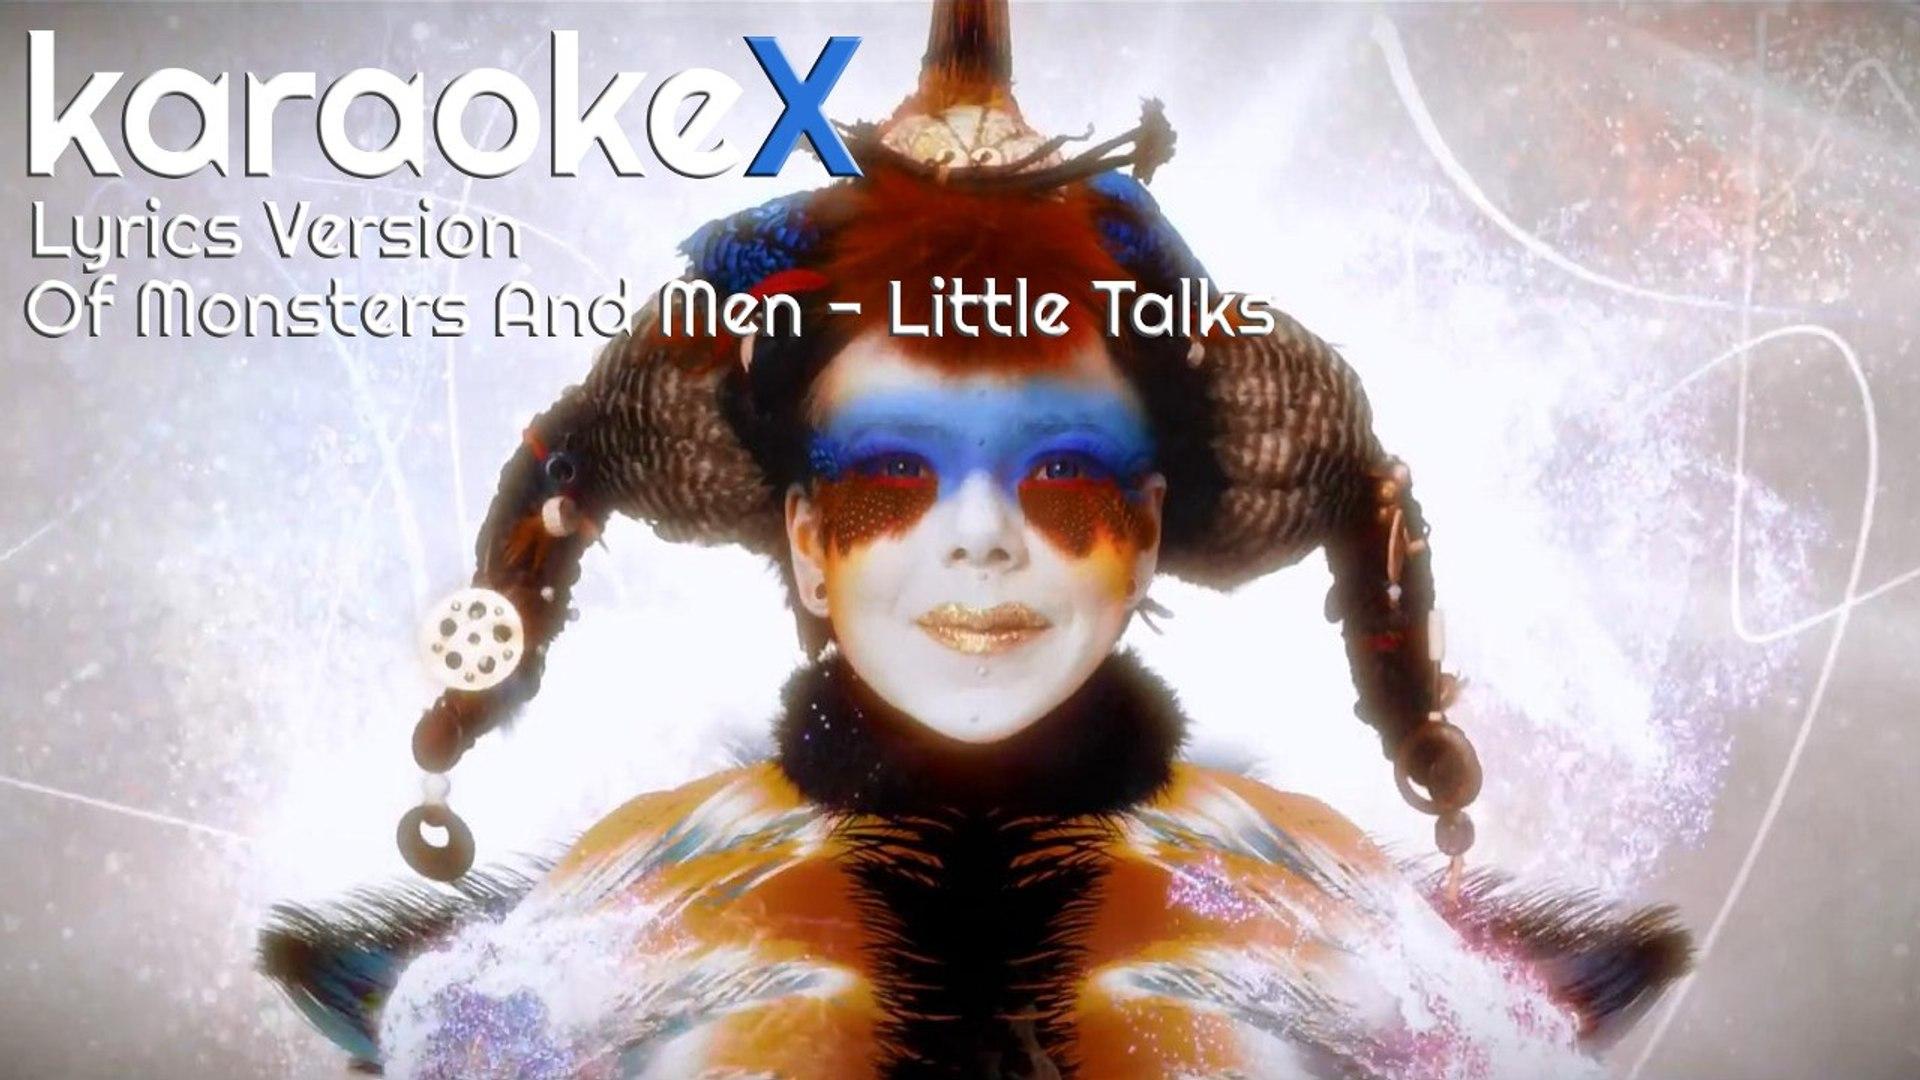 Of Monsters And Men Little Talks Lyrics Version Karaokex